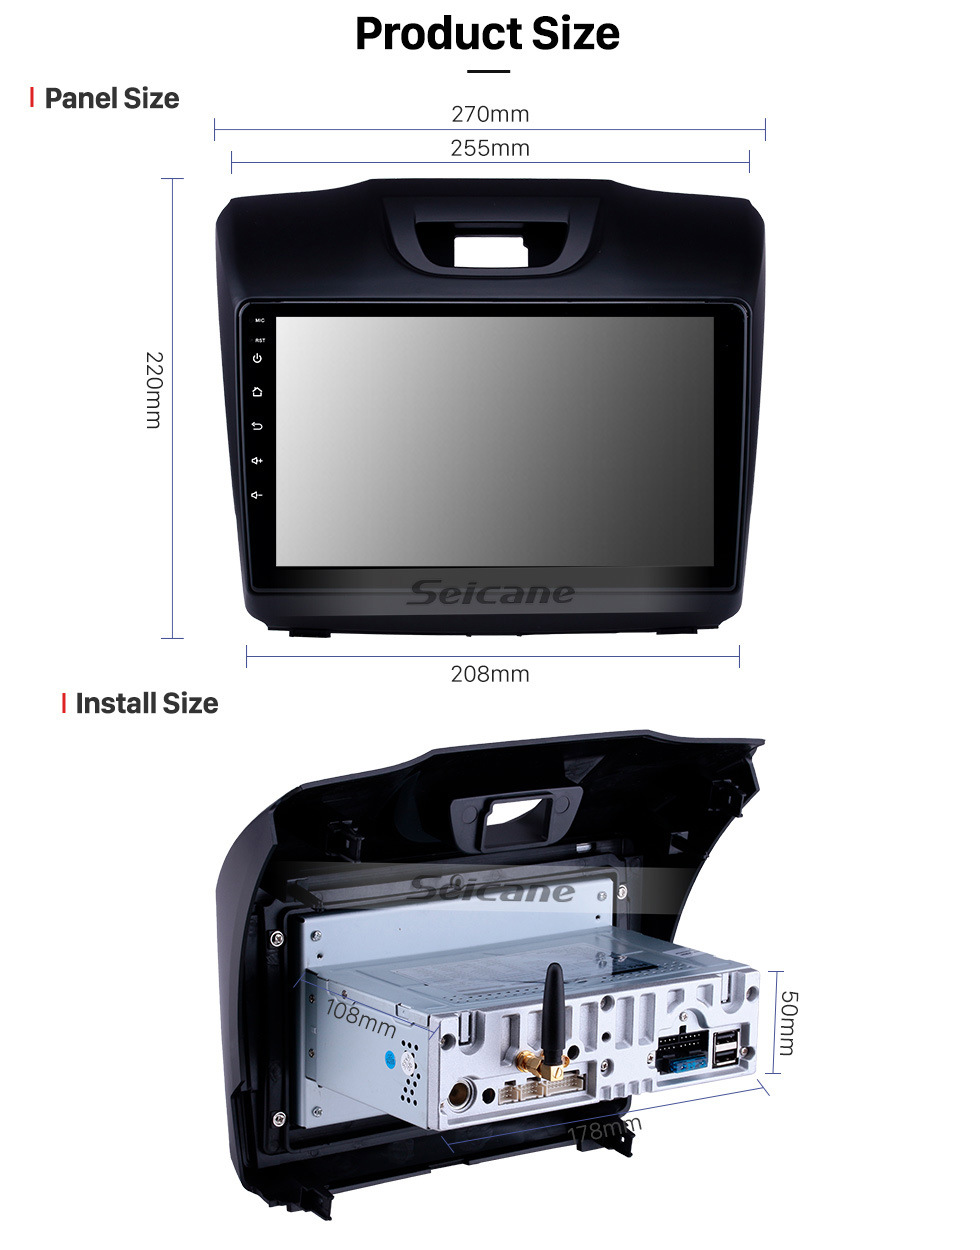 Seicane 2015 2016 2017 2018 ISUZU D-Max 9 polegada Android 9.0 HD Tela Sensível Ao Toque Bluetooth GPS Navi Rádio com USB Carplay WIFI AUX apoio DVR 1080 P TPMS OBD DVD SWC